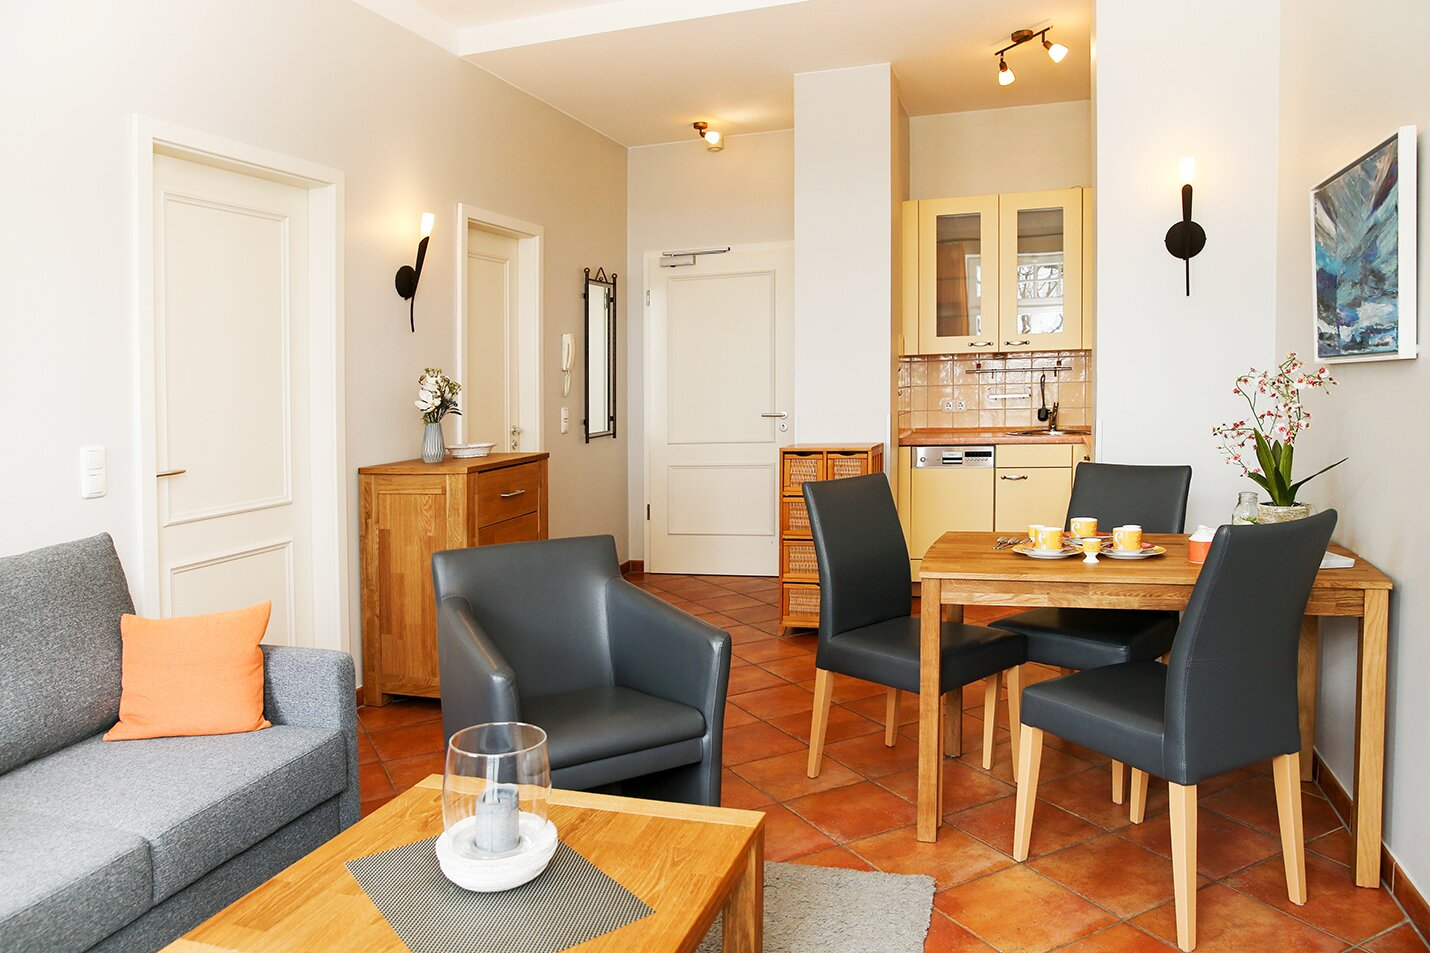 Küchenbereich und Essecke